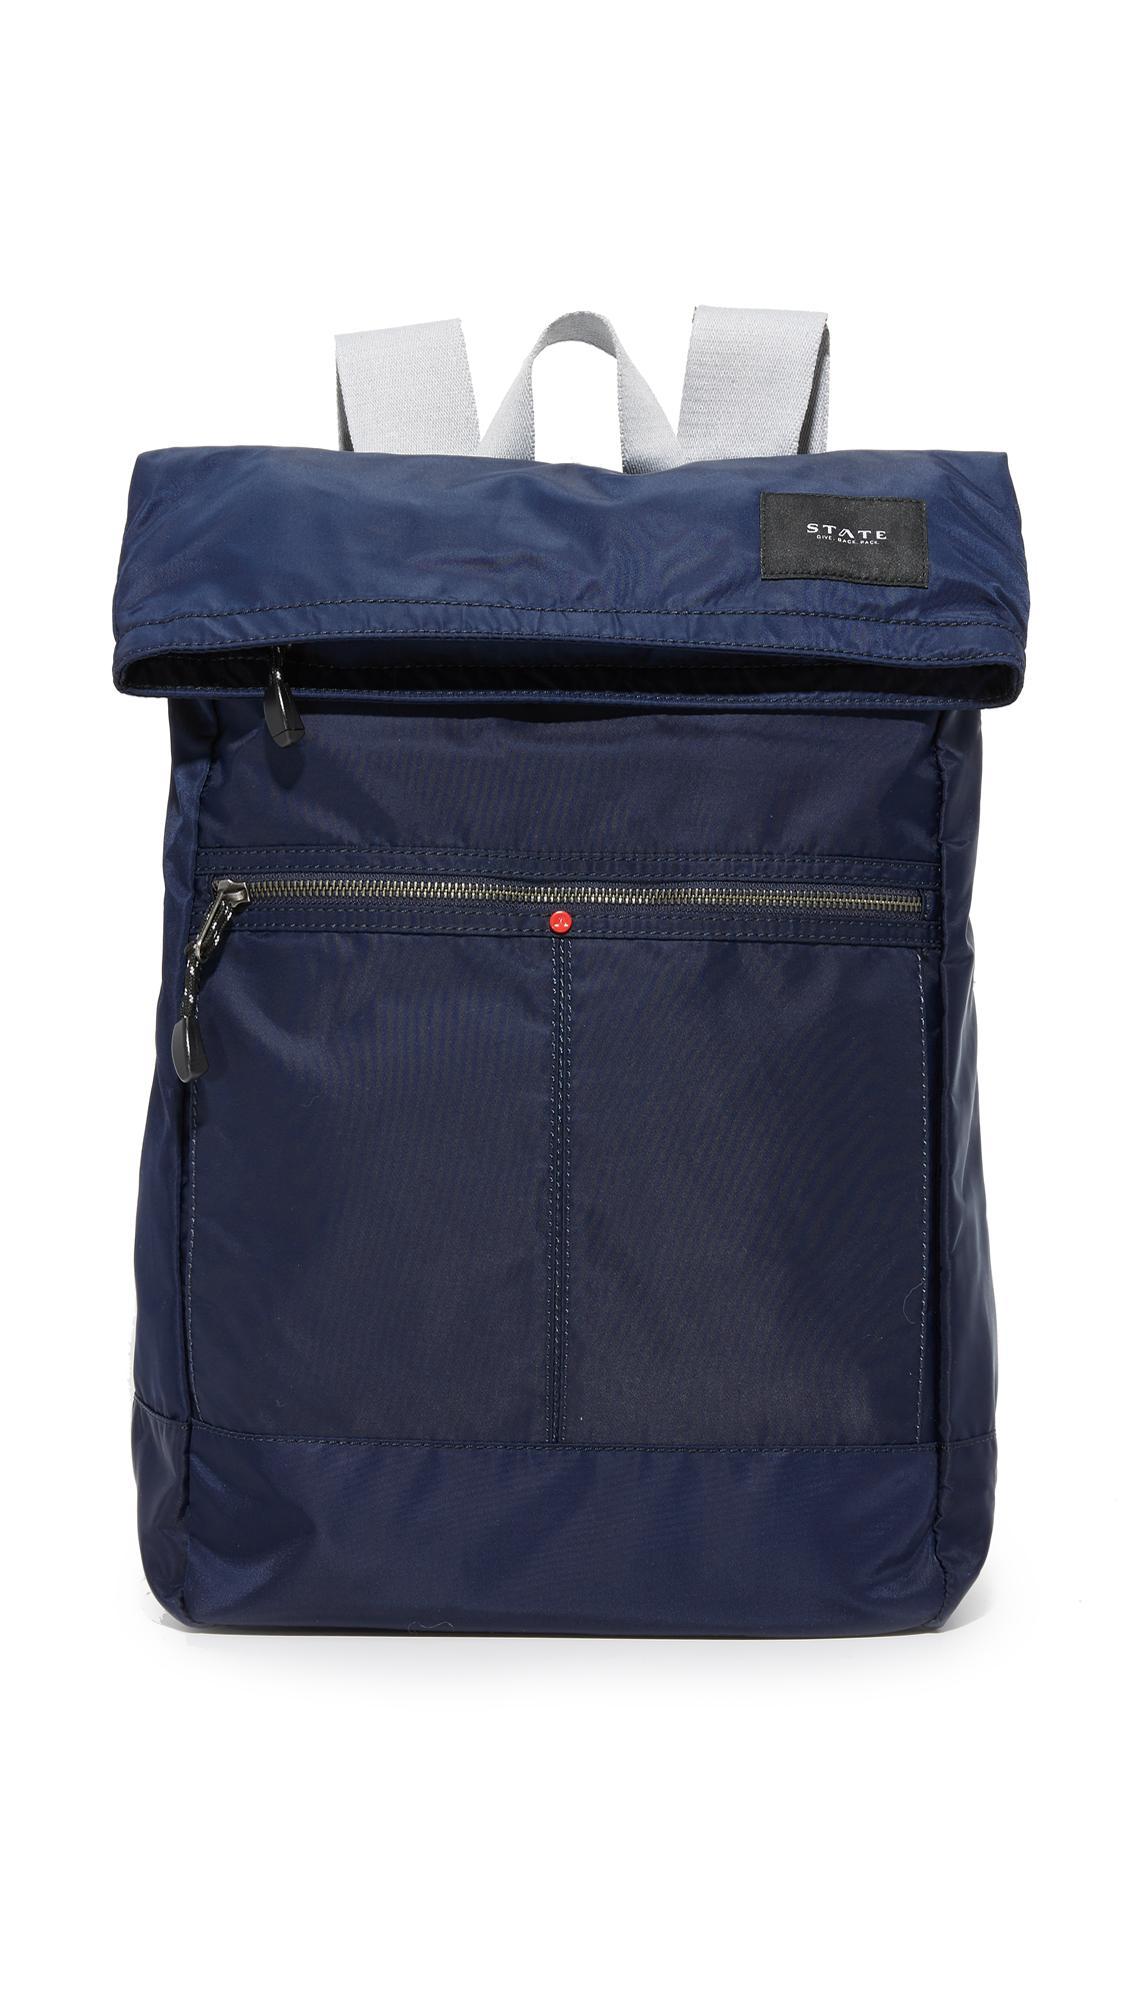 State Spencer Nylon Backpack In Navy